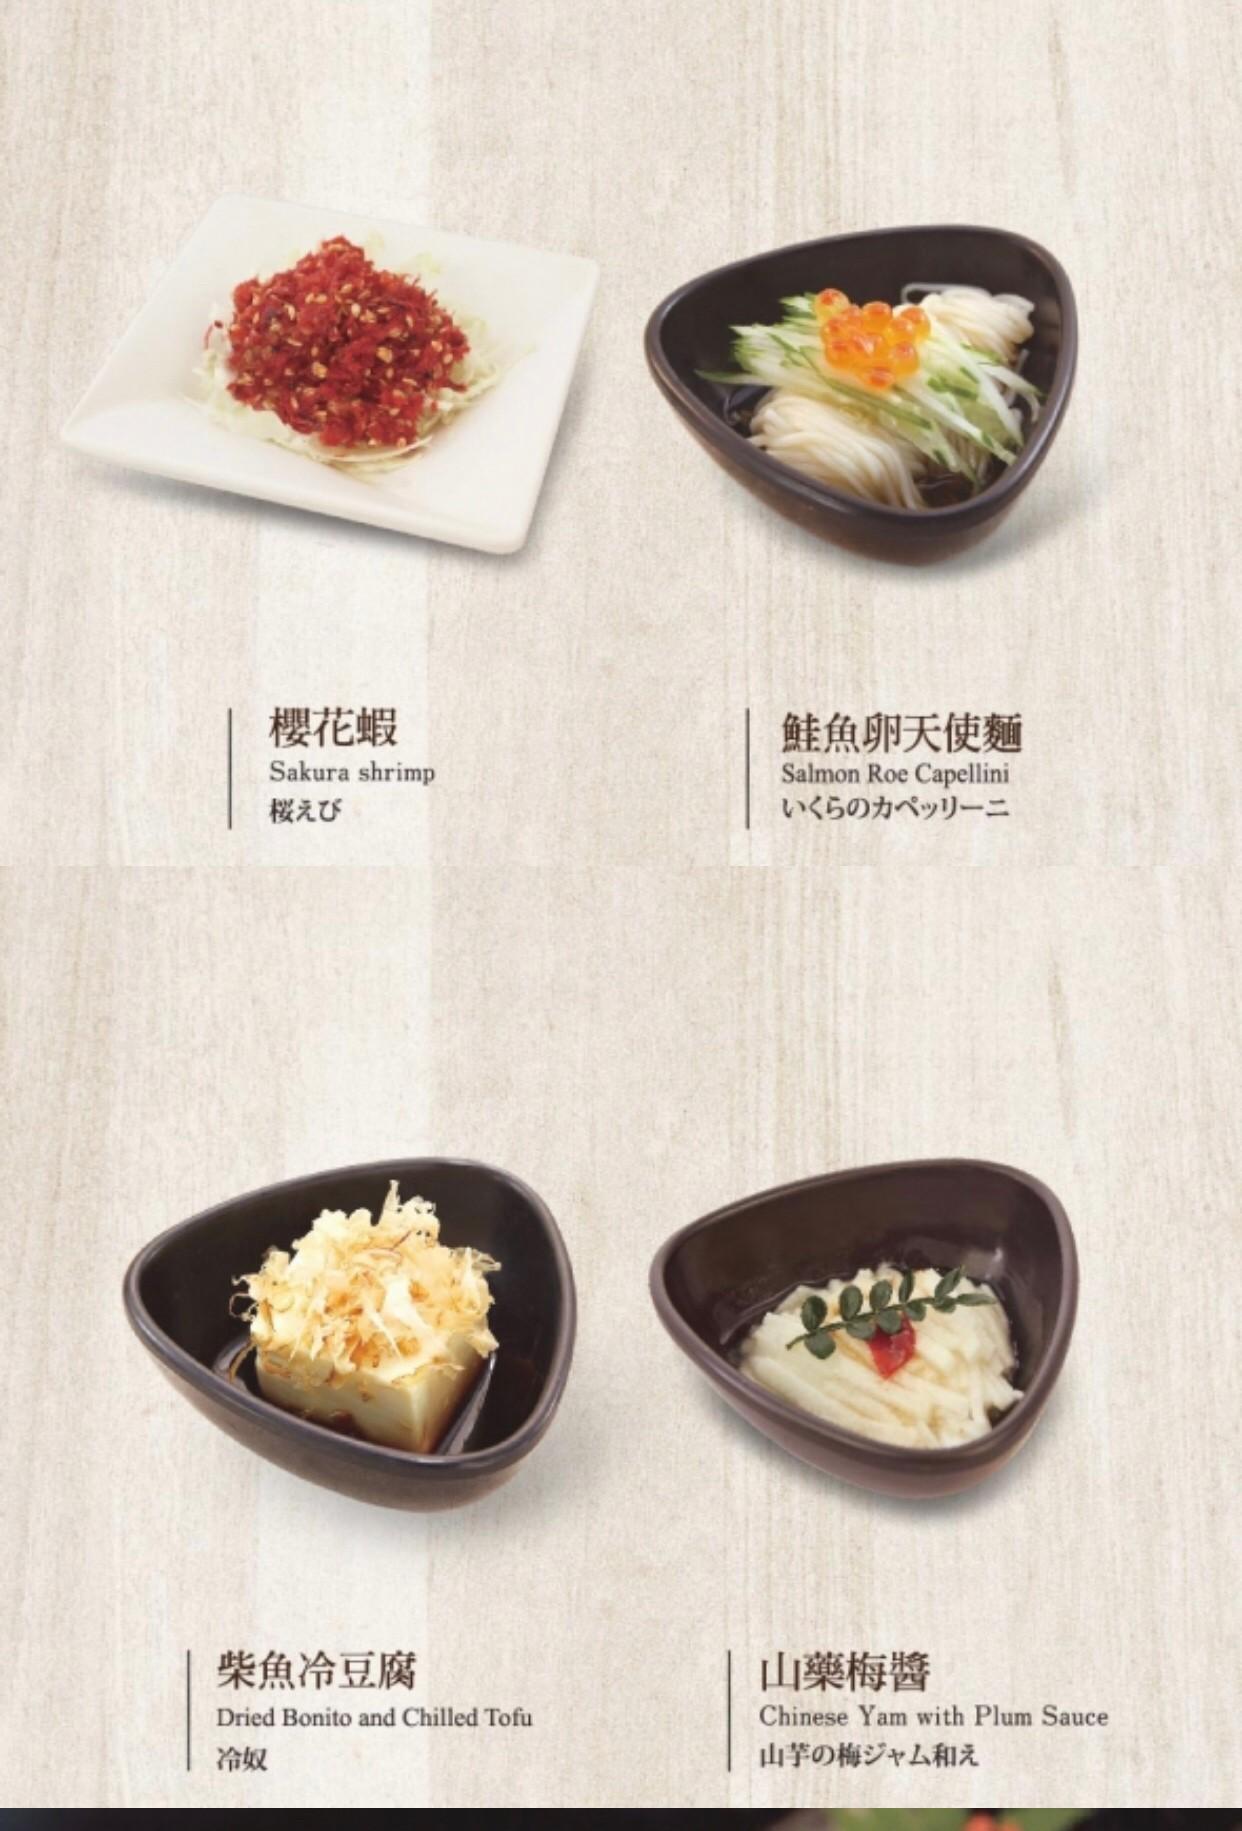 【菜單】ToKa東加和漢創作料理菜單 ToKa東加2020年價目表 完整菜單介紹   癡吃的玩